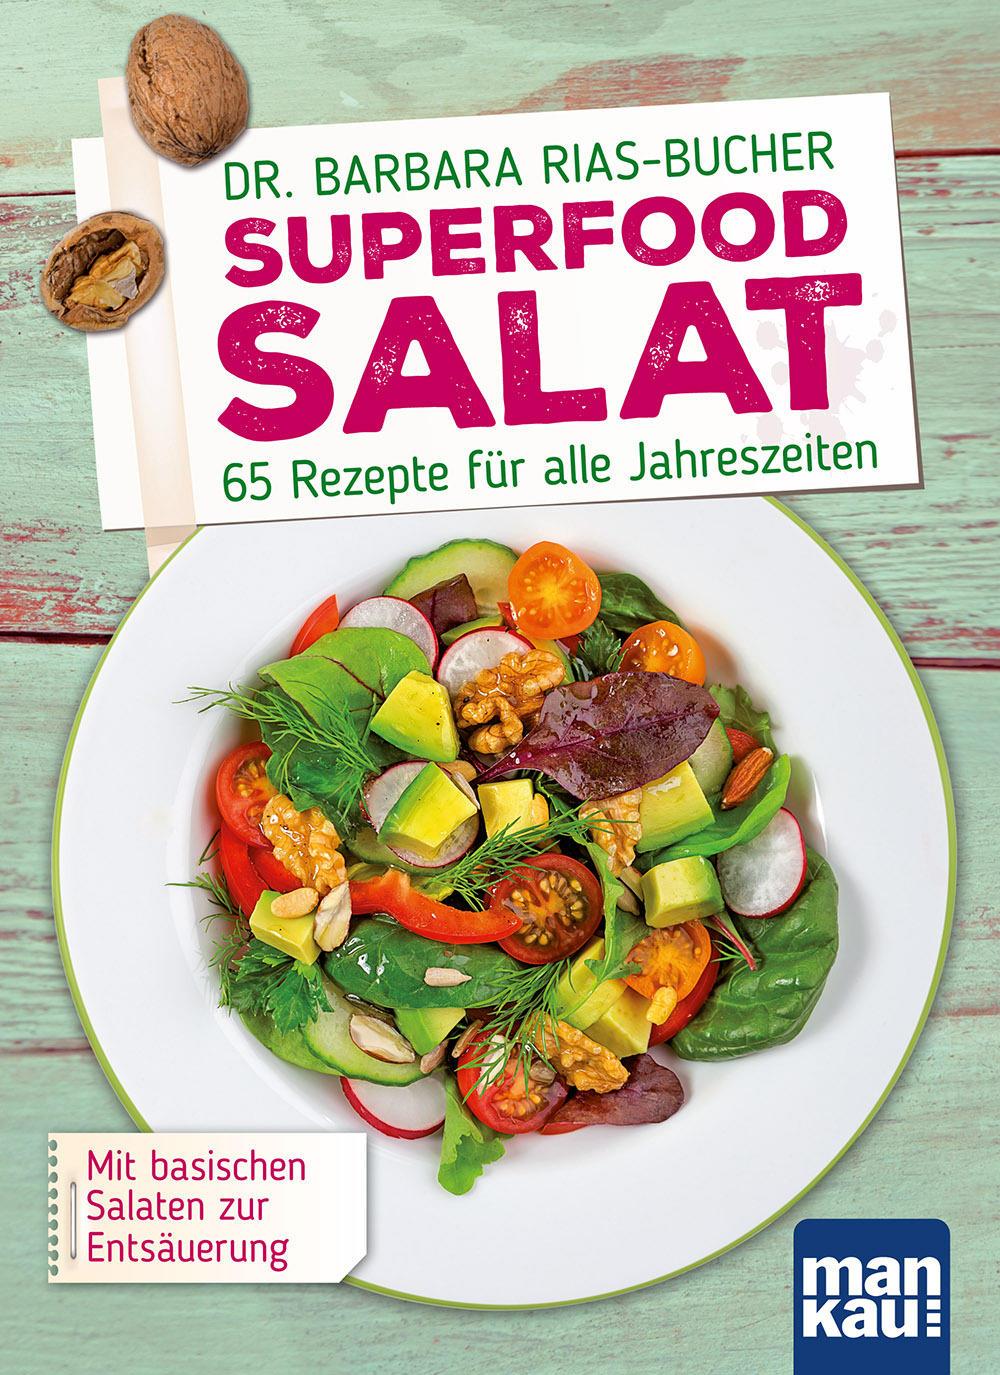 Wie schnell verdaut man salat